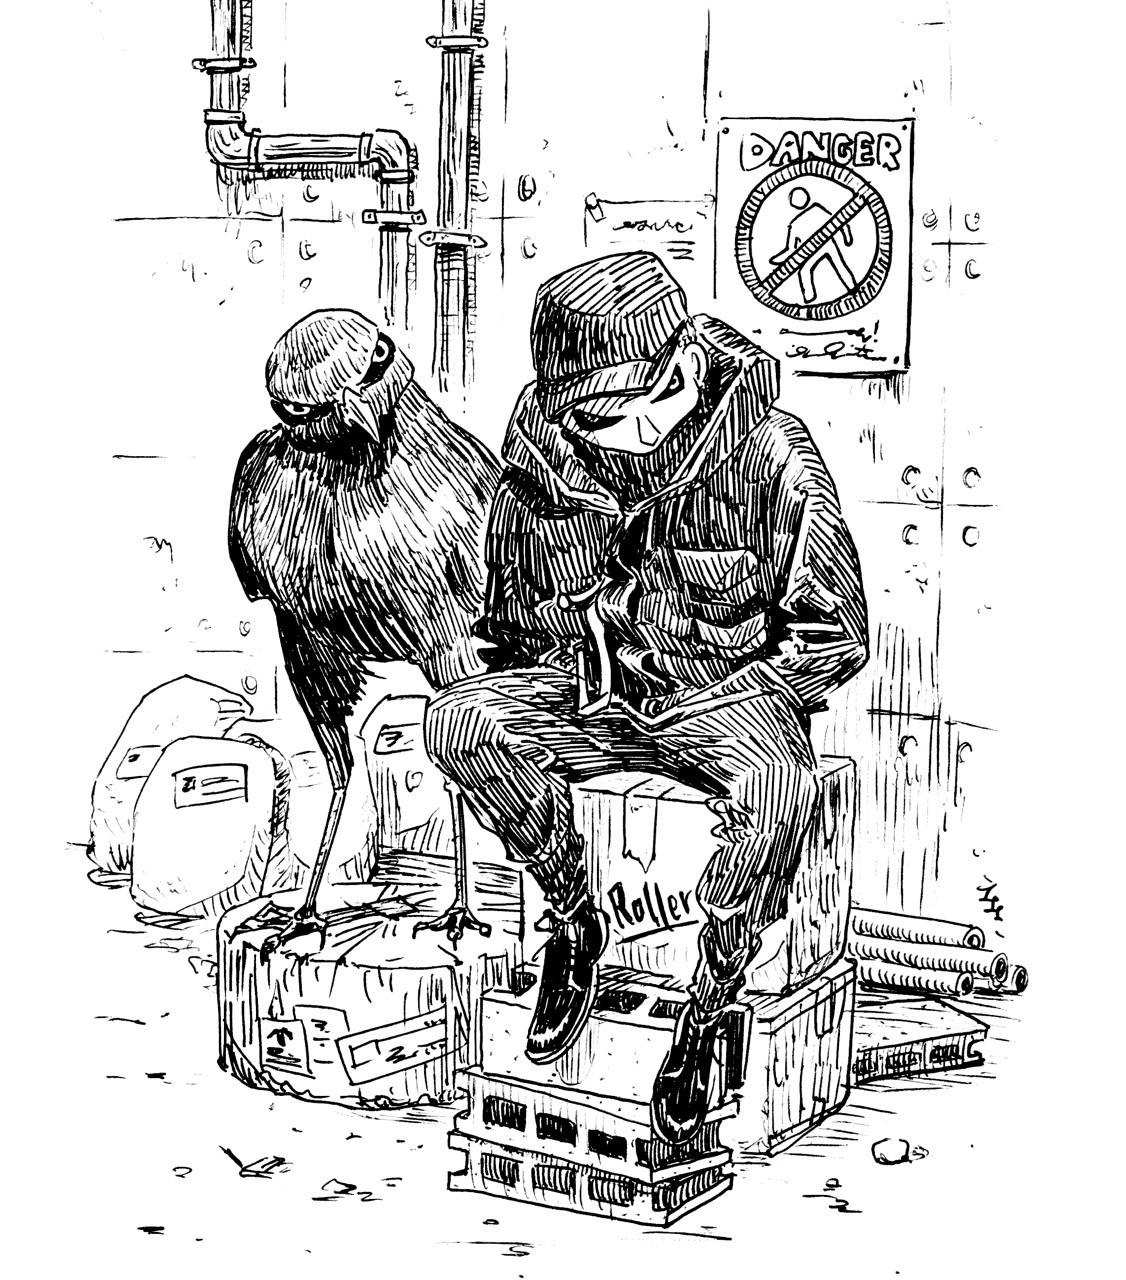 鳥人間26 ブッポウソウ のトレーサーハートヘッドイラストnote